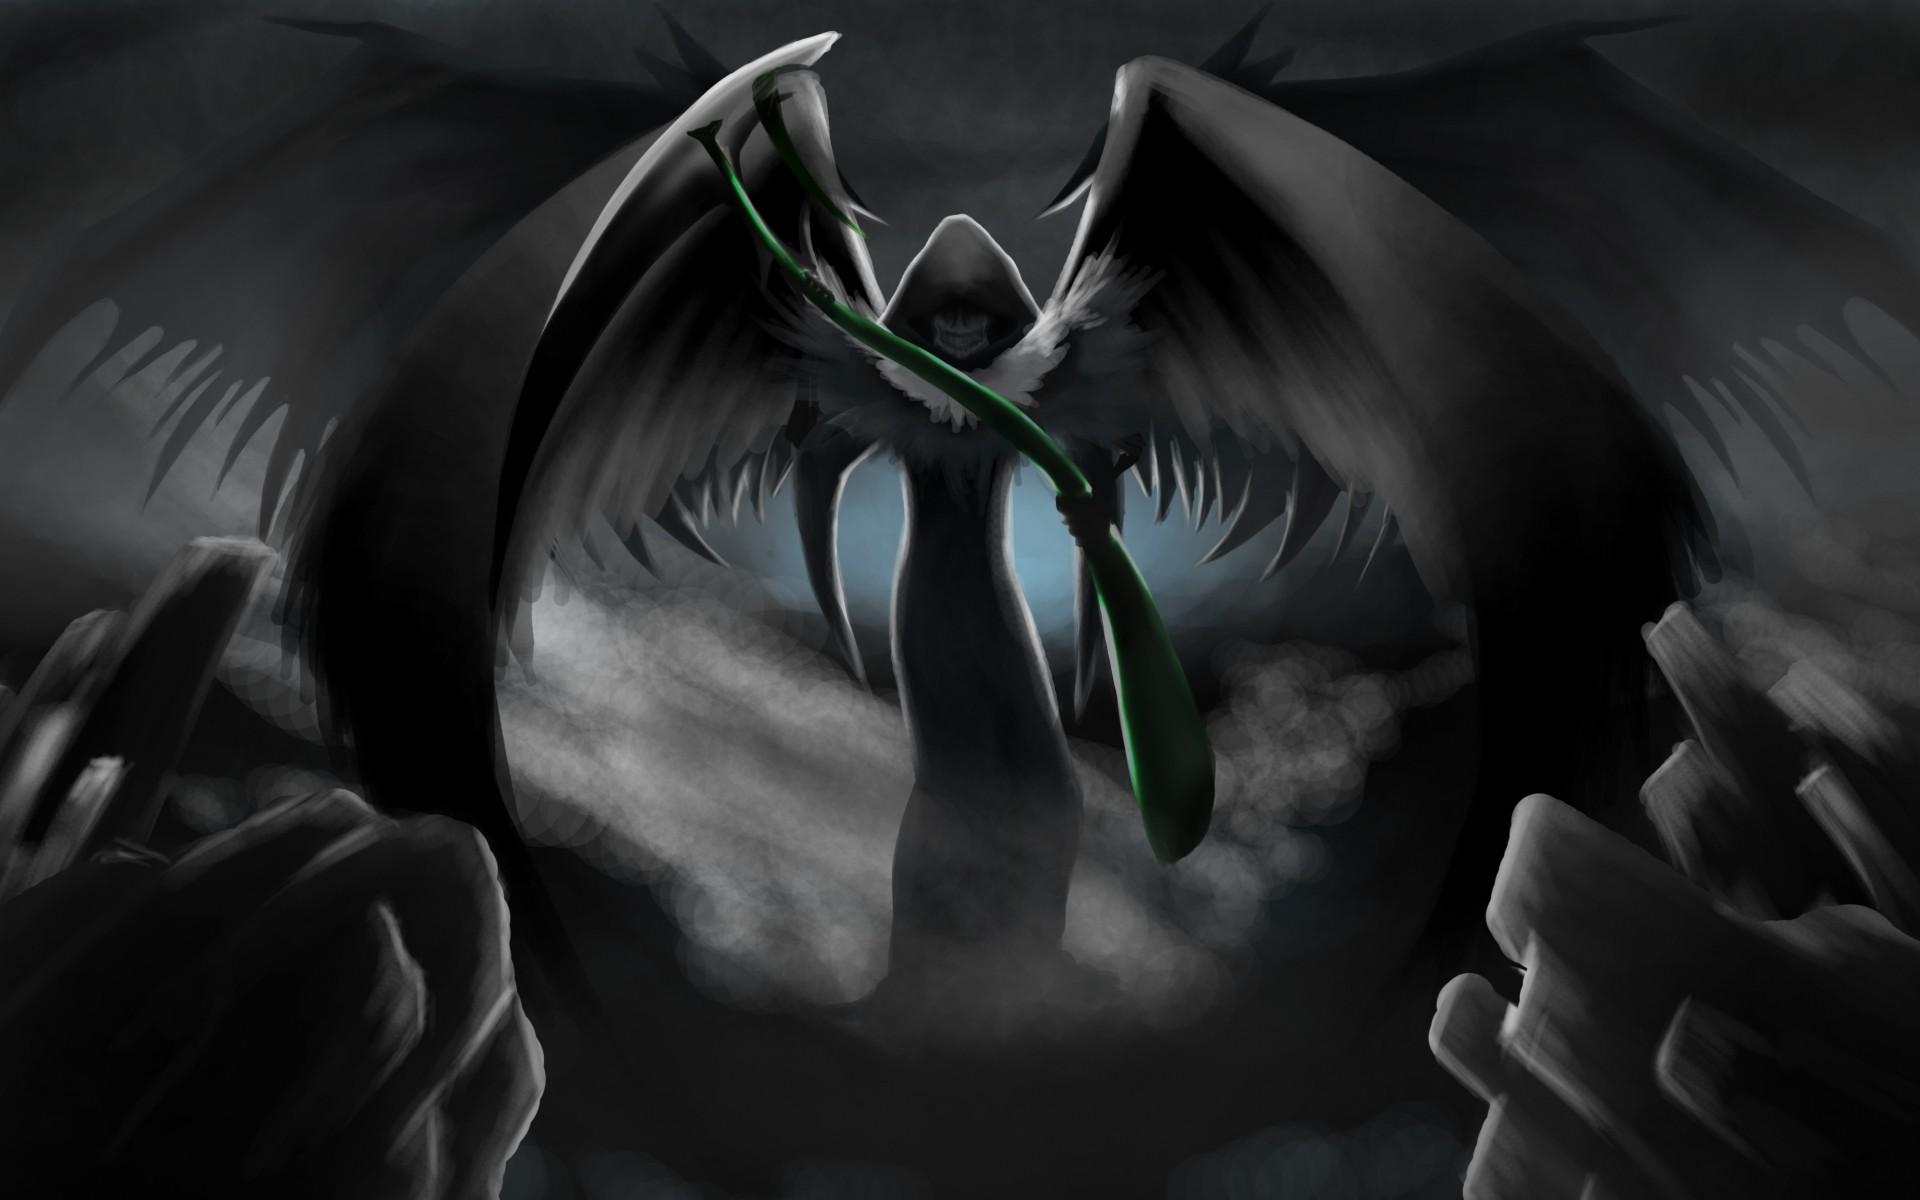 Anime Grim Reaper Scythe